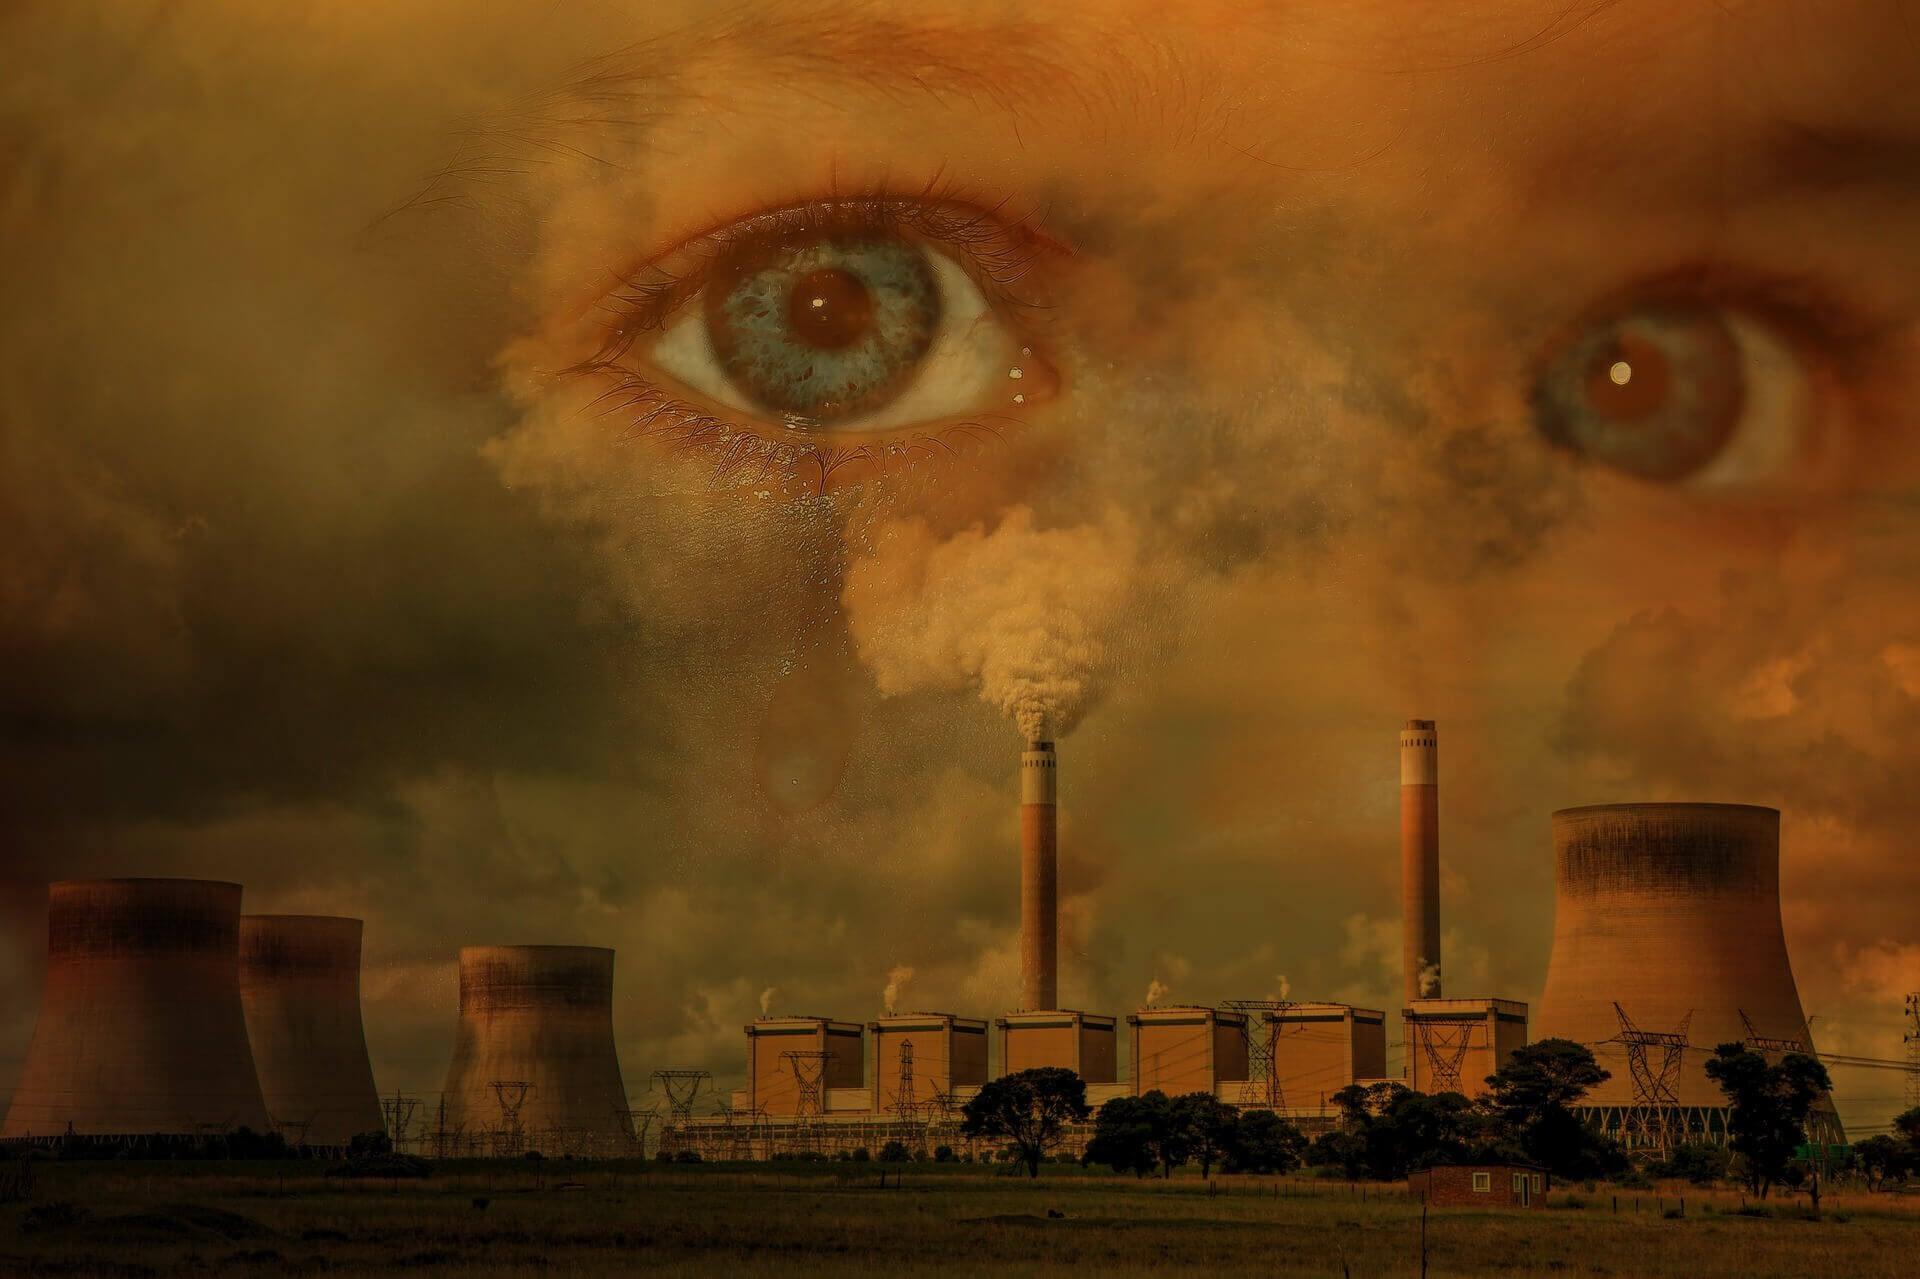 les yeux effrayés par la pollution et le changement climatique